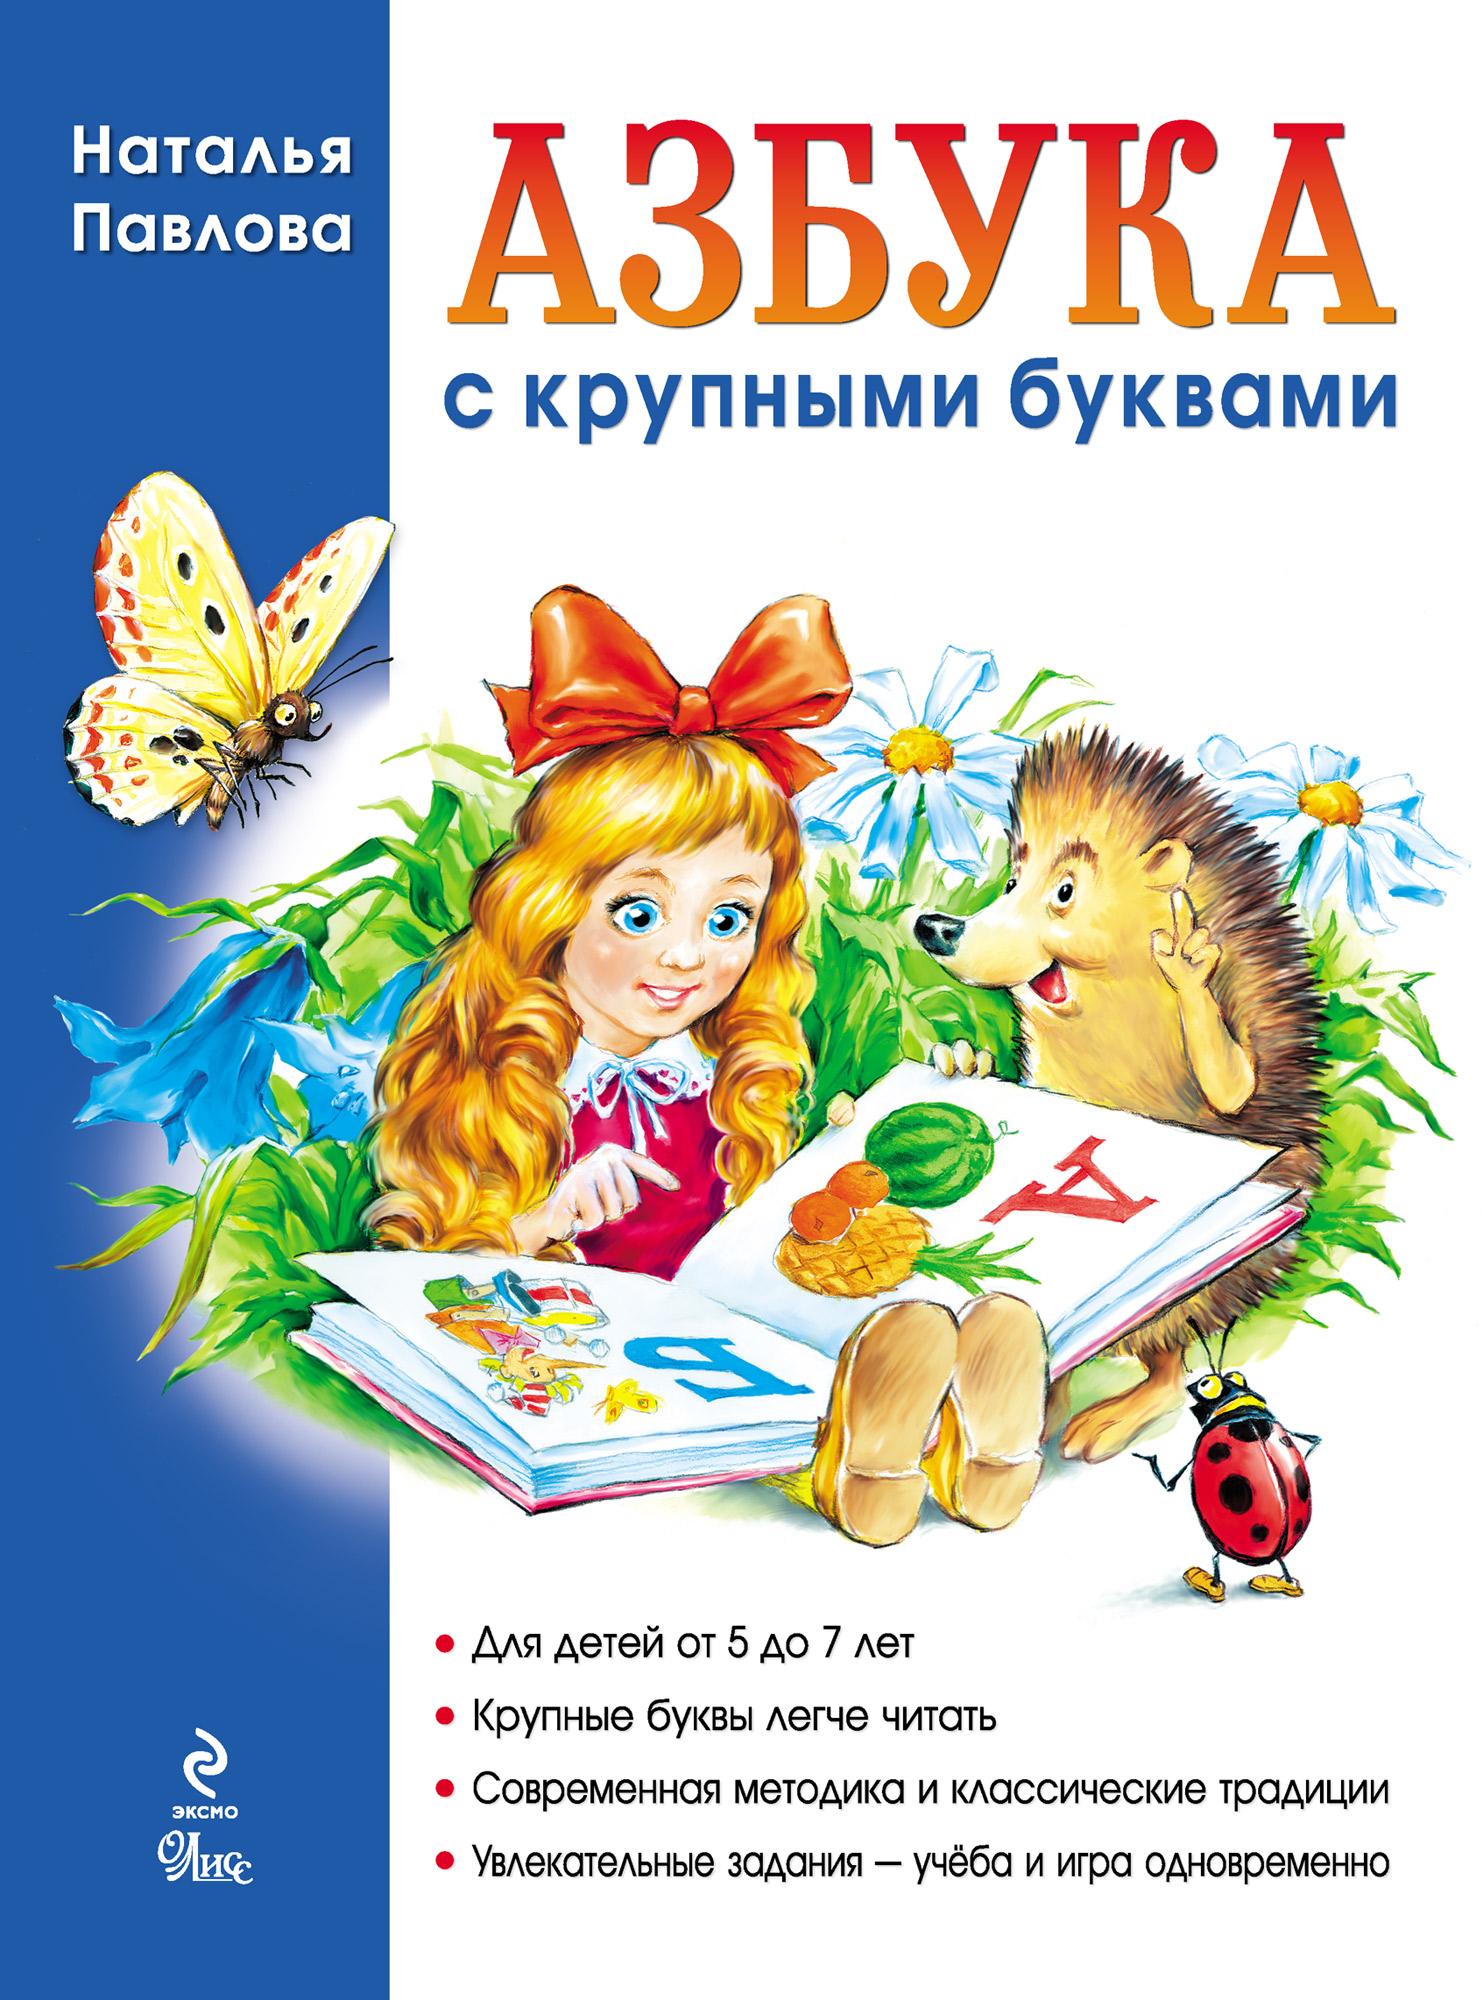 знакомств книга азбука